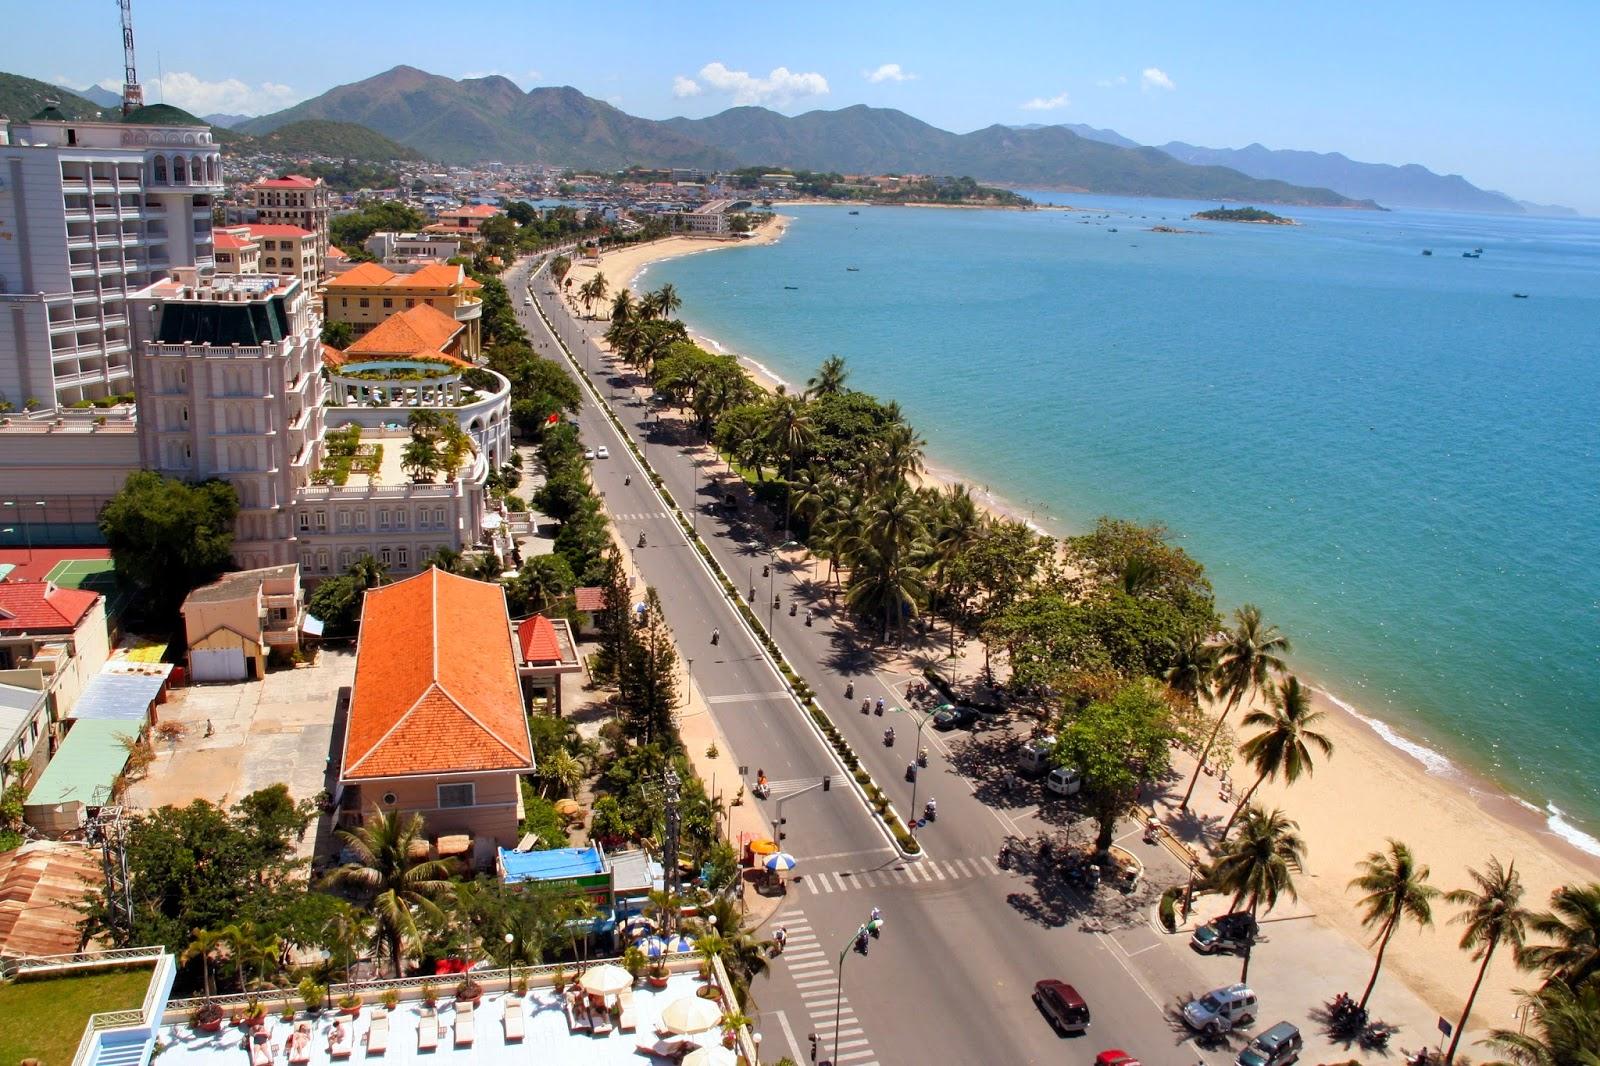 tour du lịch thành phố biển Nha Trang tận hưởng bầu không khí tuyệt vời trên những bãi cát trắng, đấm mình trong ánh nắng